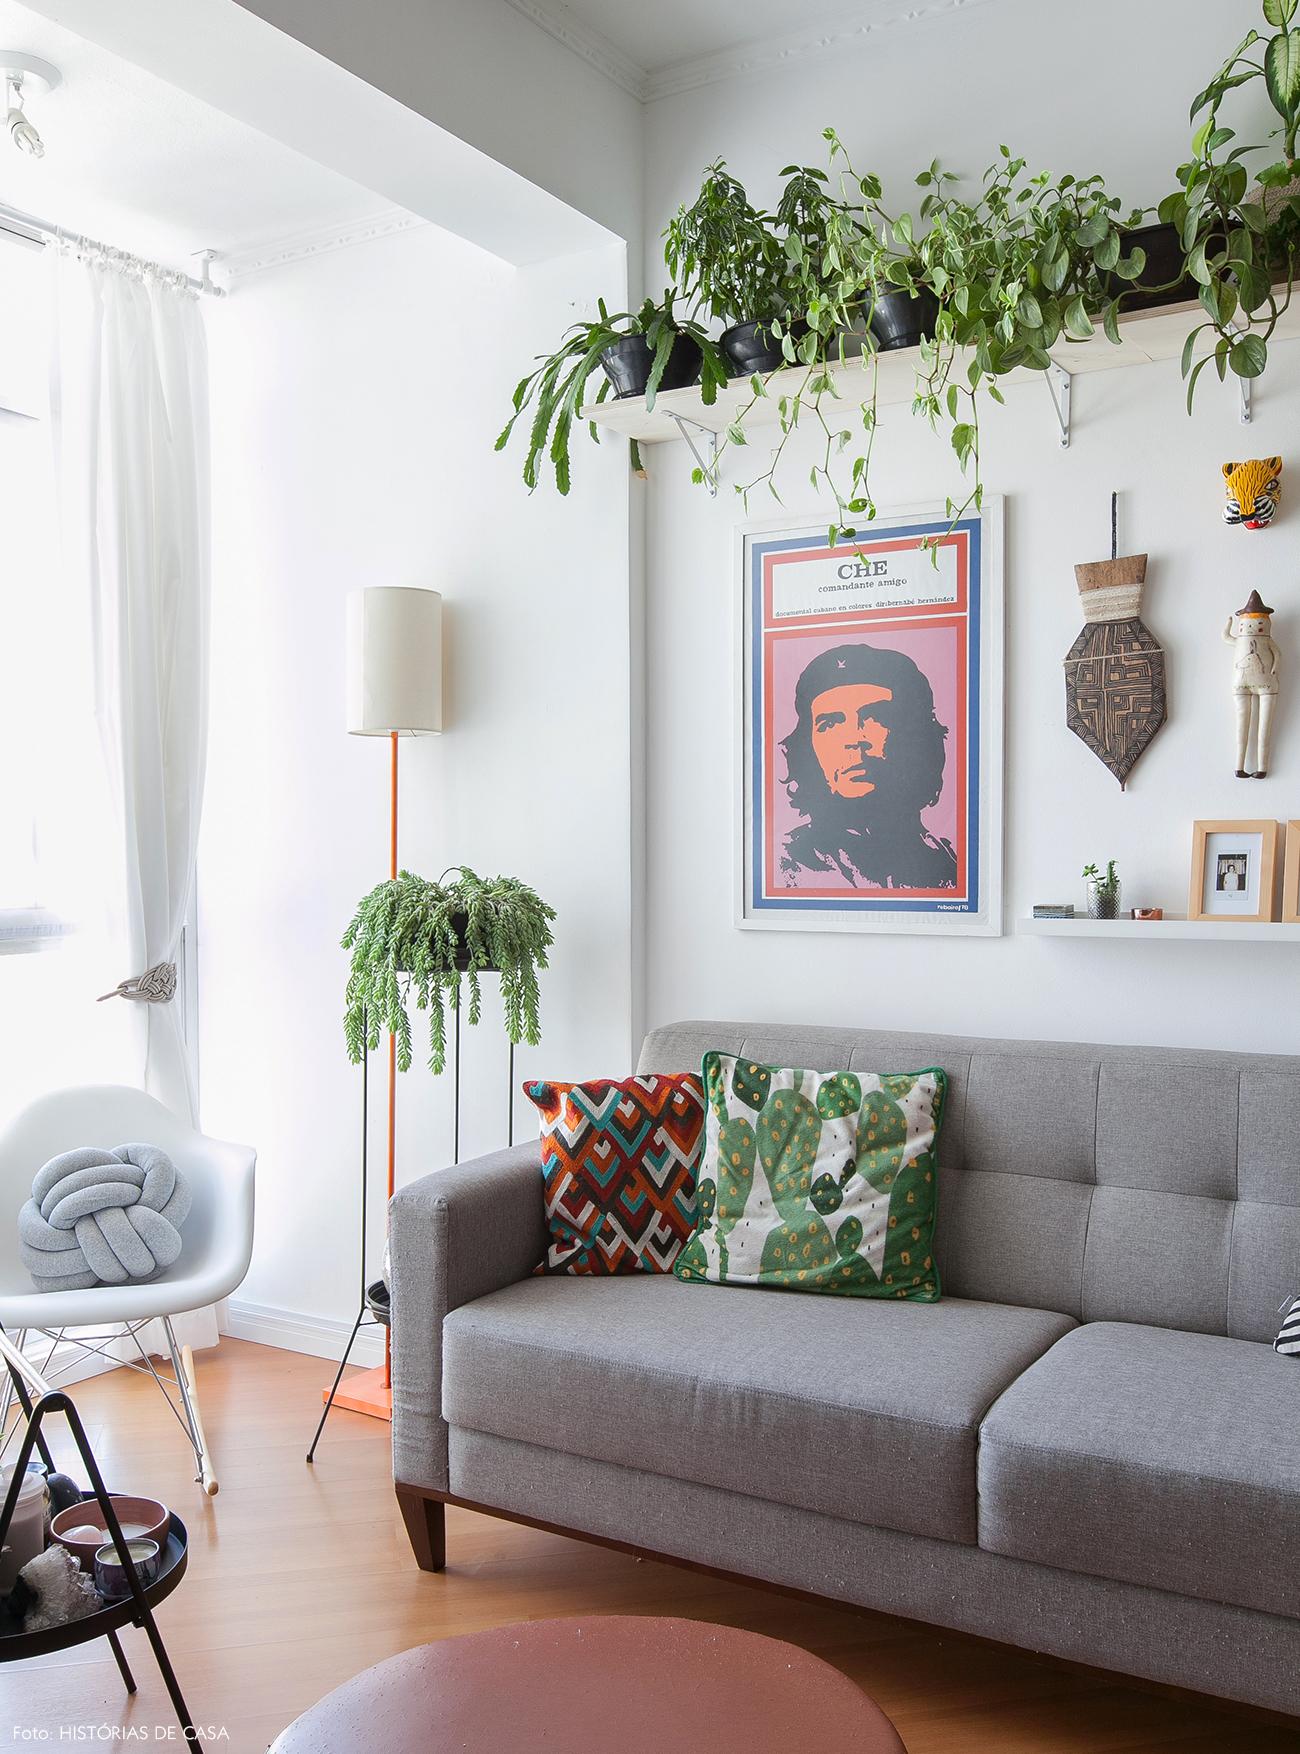 Prateleira Atras Do Sofa Mostra Black U Mdia Visita Mostras Foto  -> Decoracao De Sala Com Prateleiras